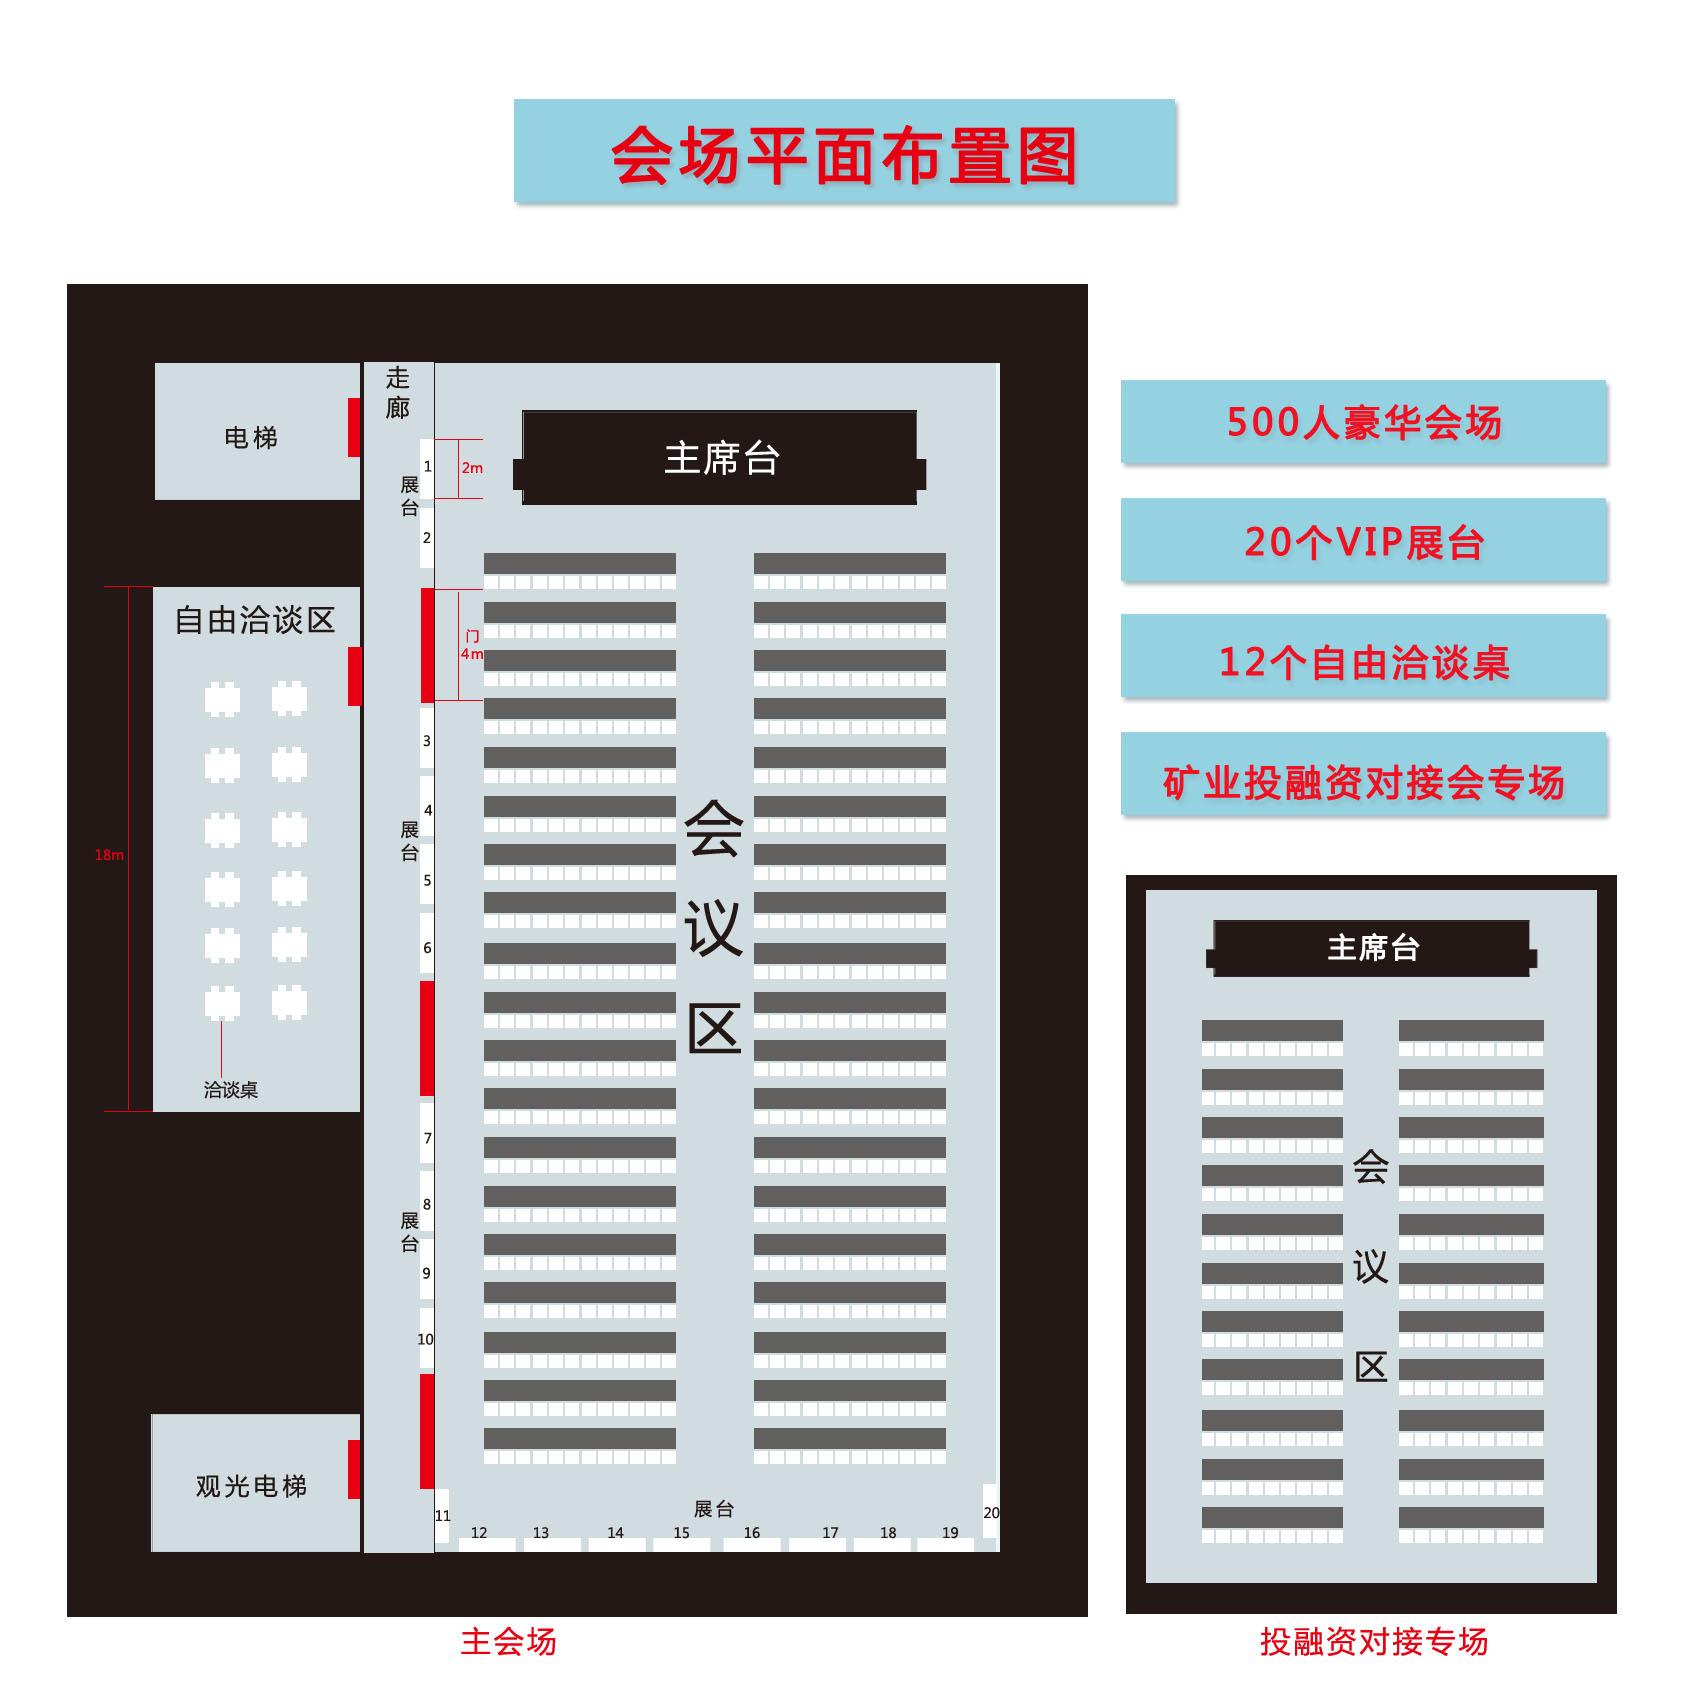 2018年中国非金属矿产业高峰论坛形象展示汇总!